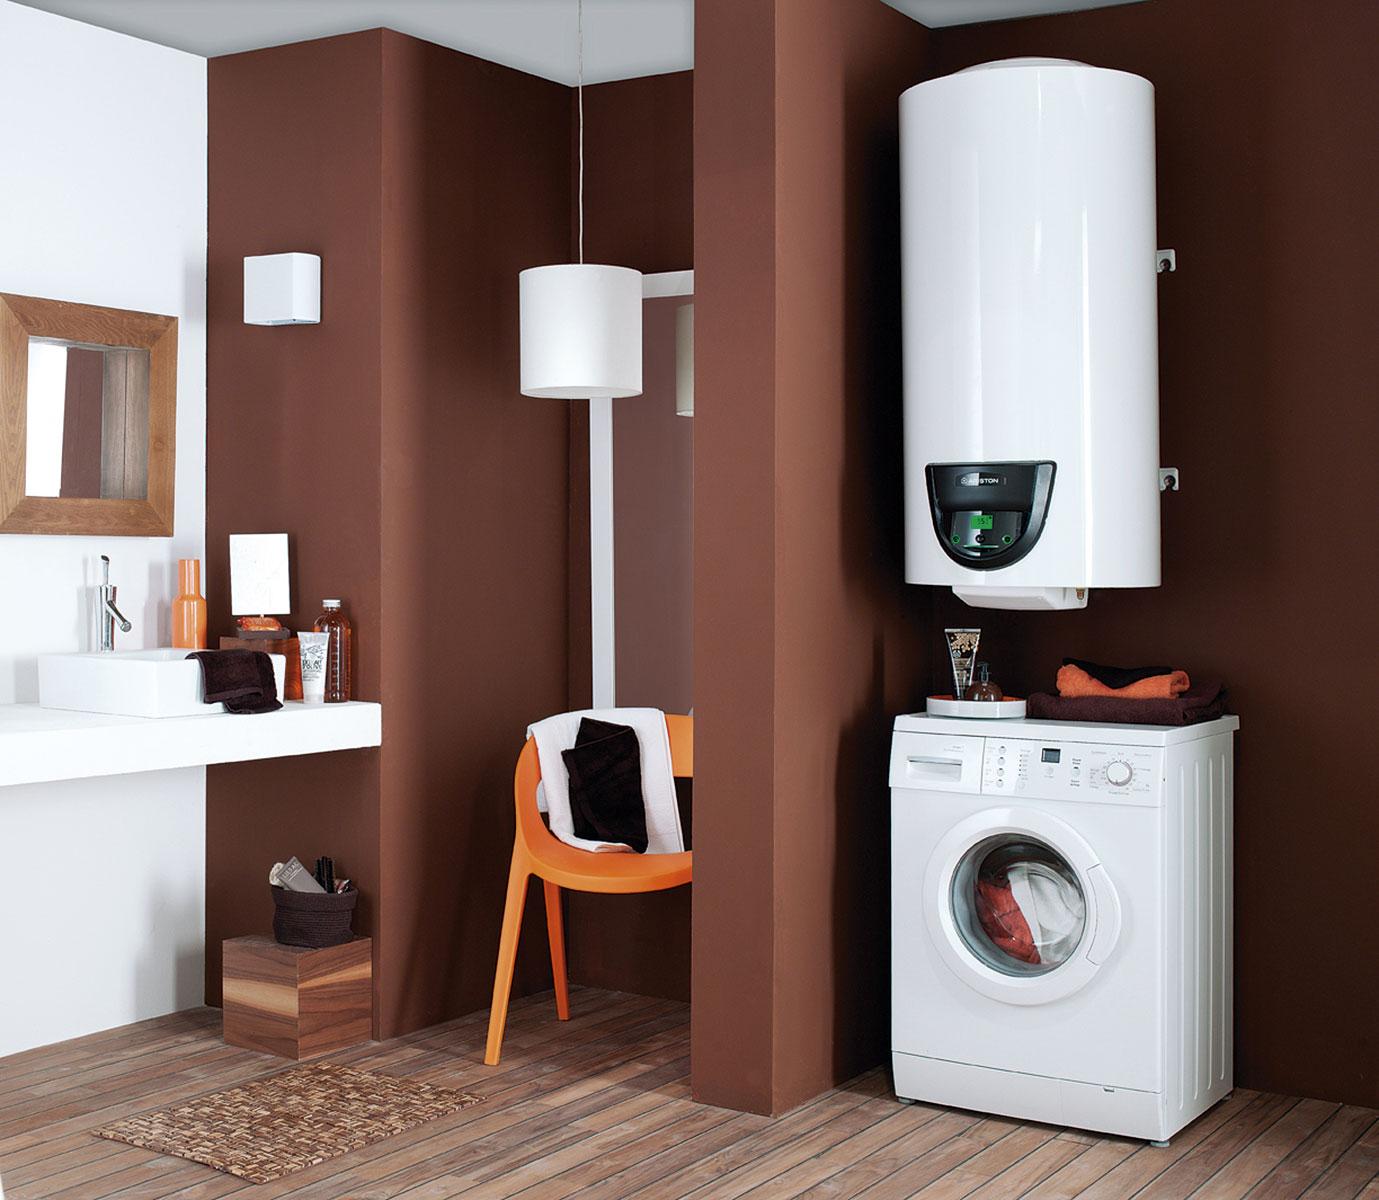 Chauffage chaudi re et chauffe eau guide pour choisir prix et devis - Comment detartrer un chauffe eau ...